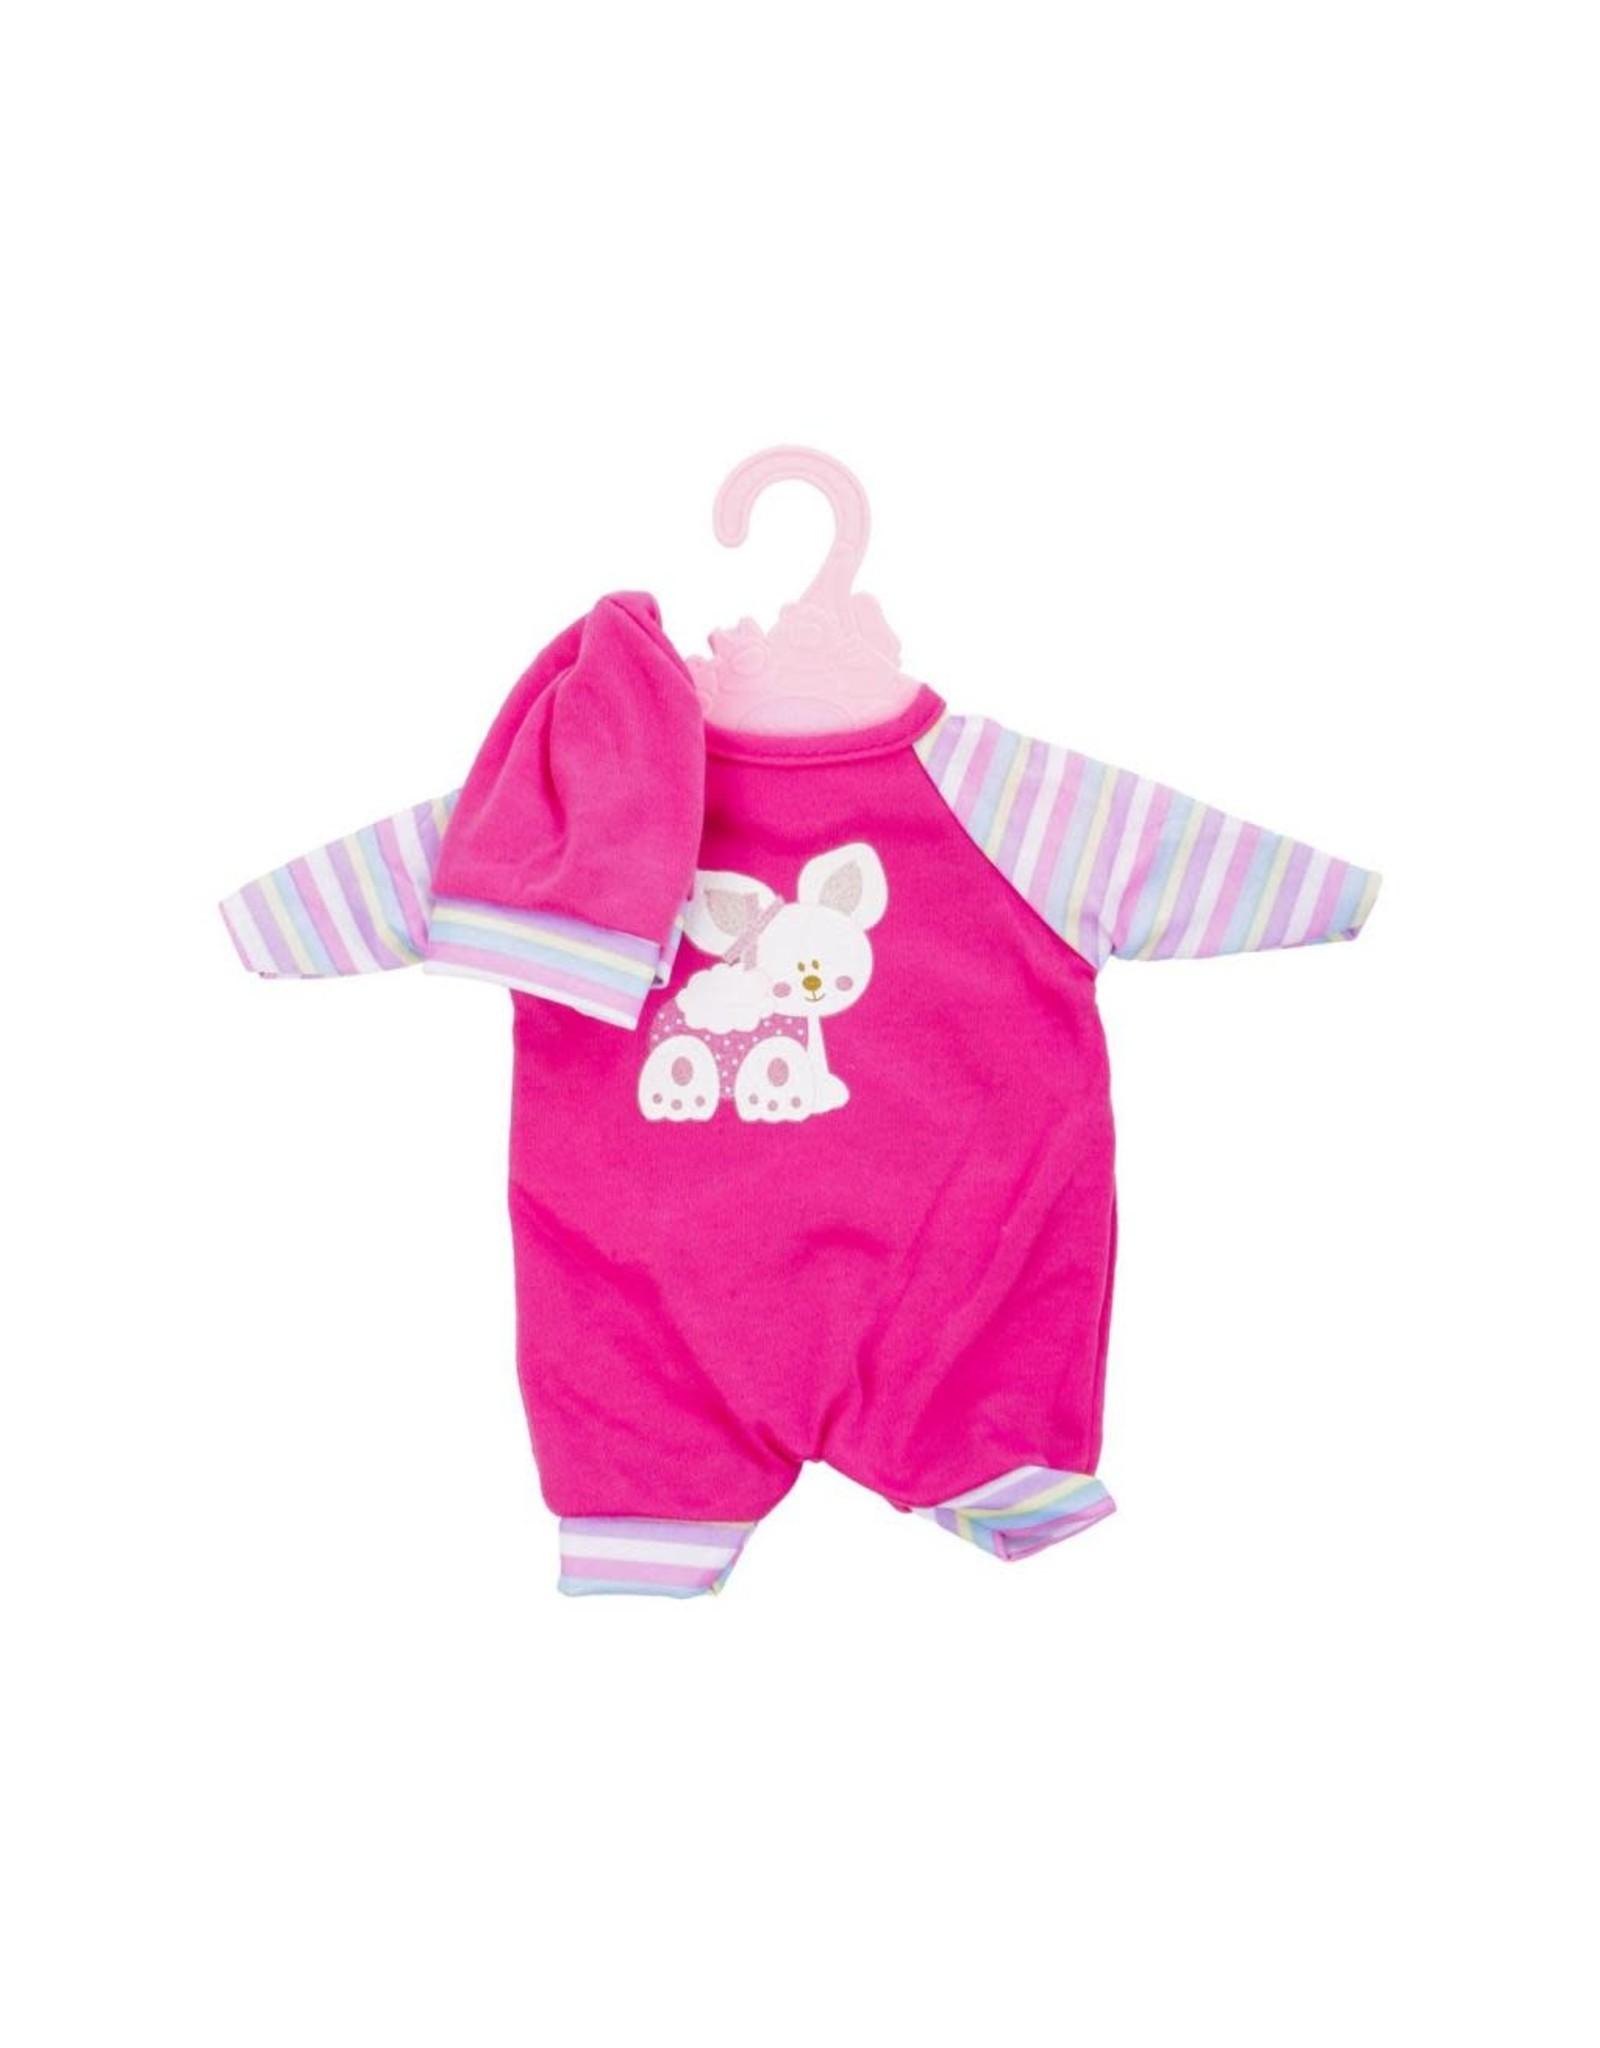 Baby Rose poppenkleding op hanger 40-45cm pop